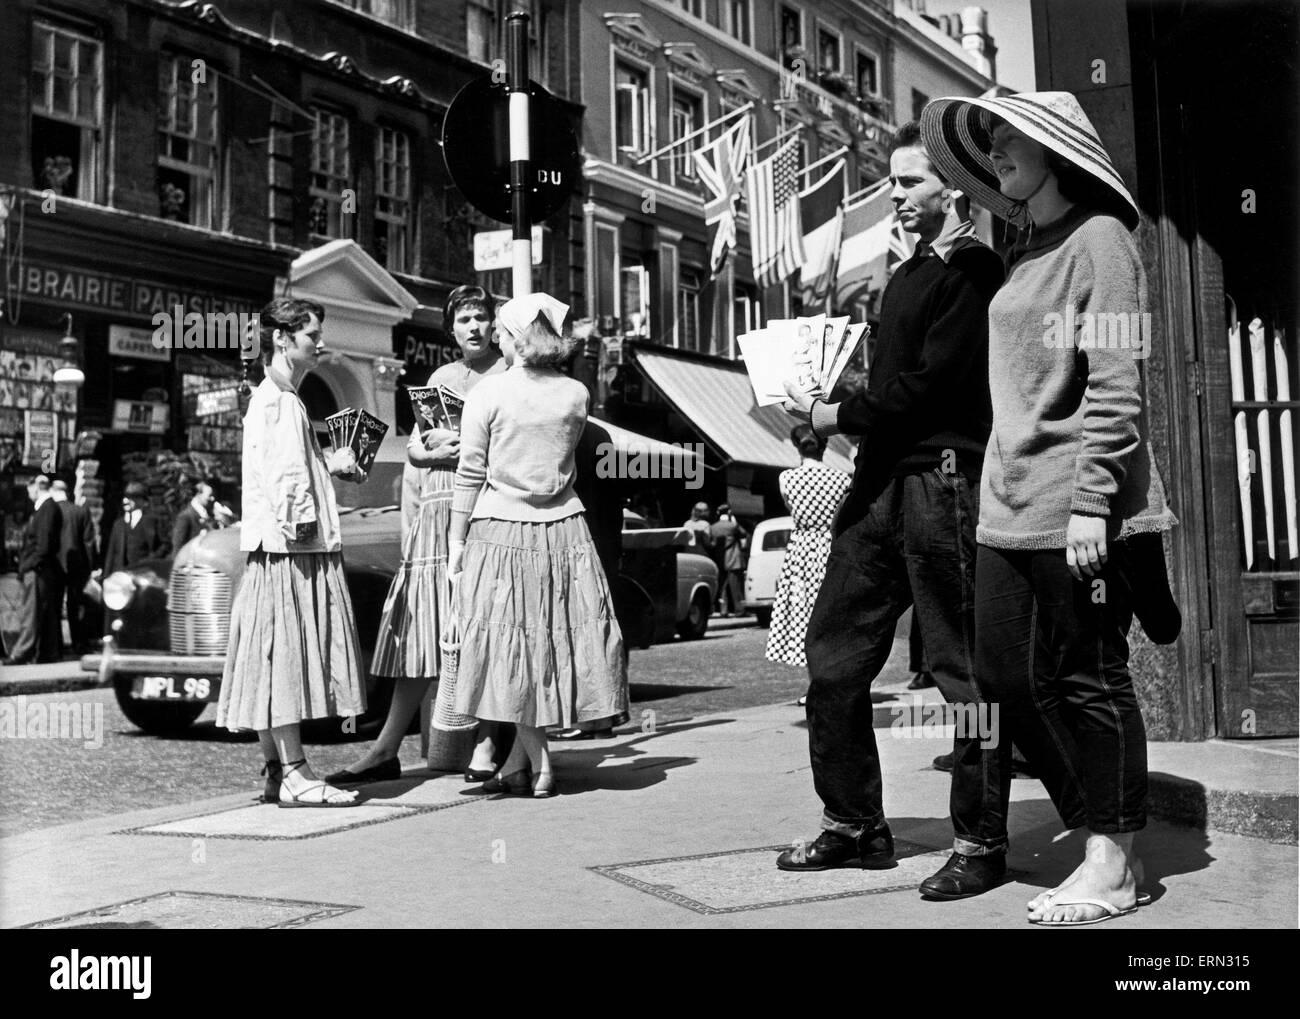 Dean Street, Soho. Circa 1955. - Stock Image